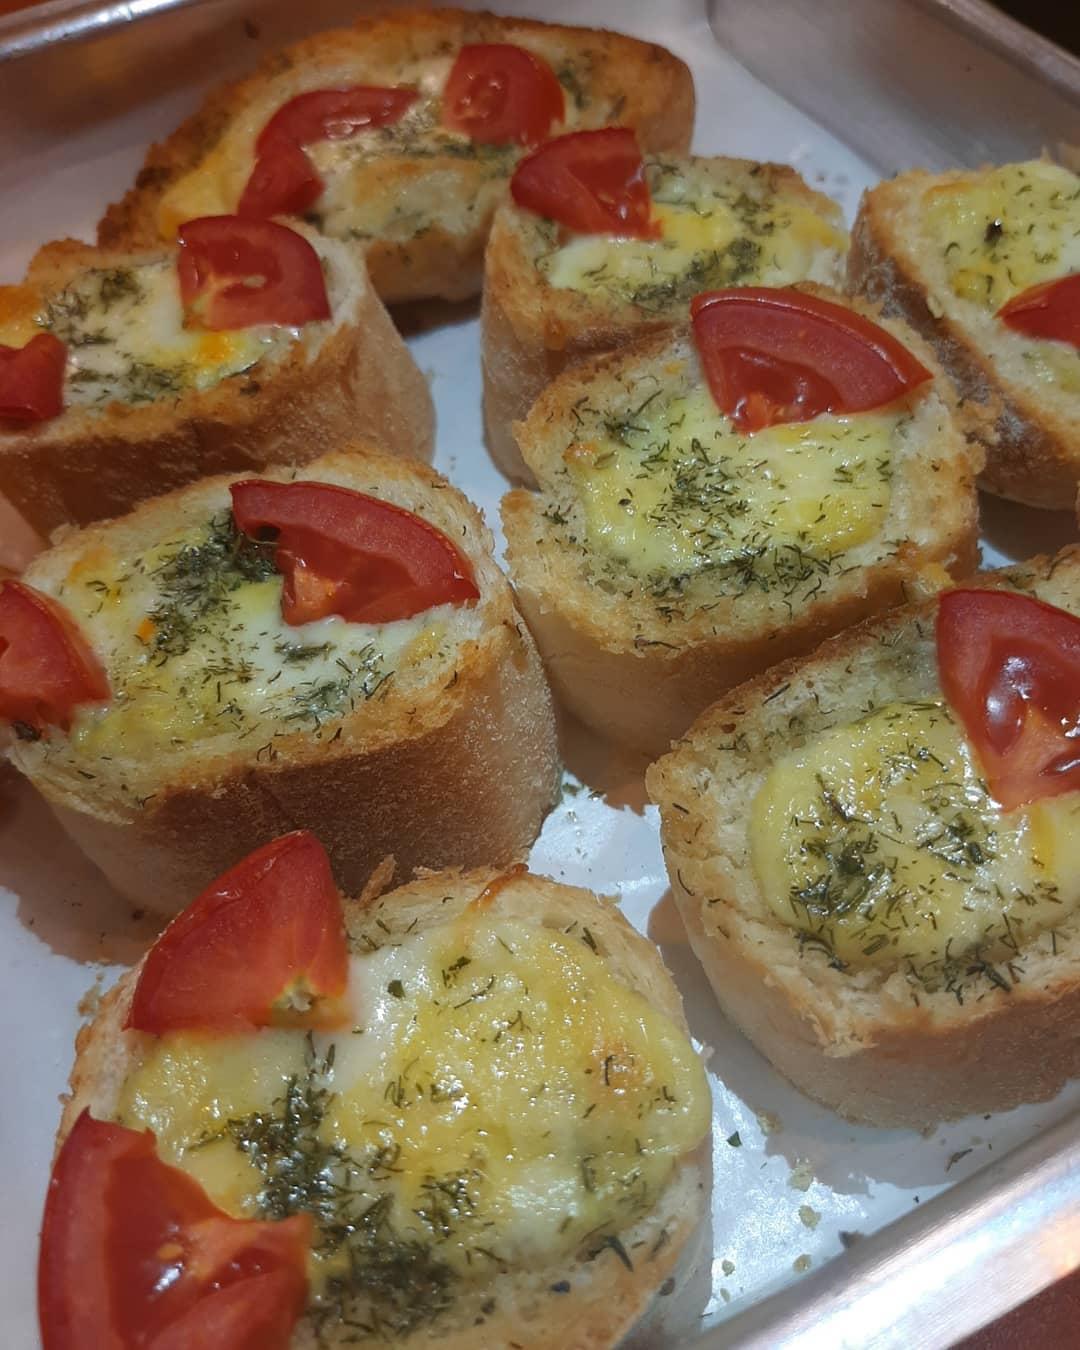 طرز تهیه نان سیر فست فودی ساده با نان تست و طعمی فوق العاده